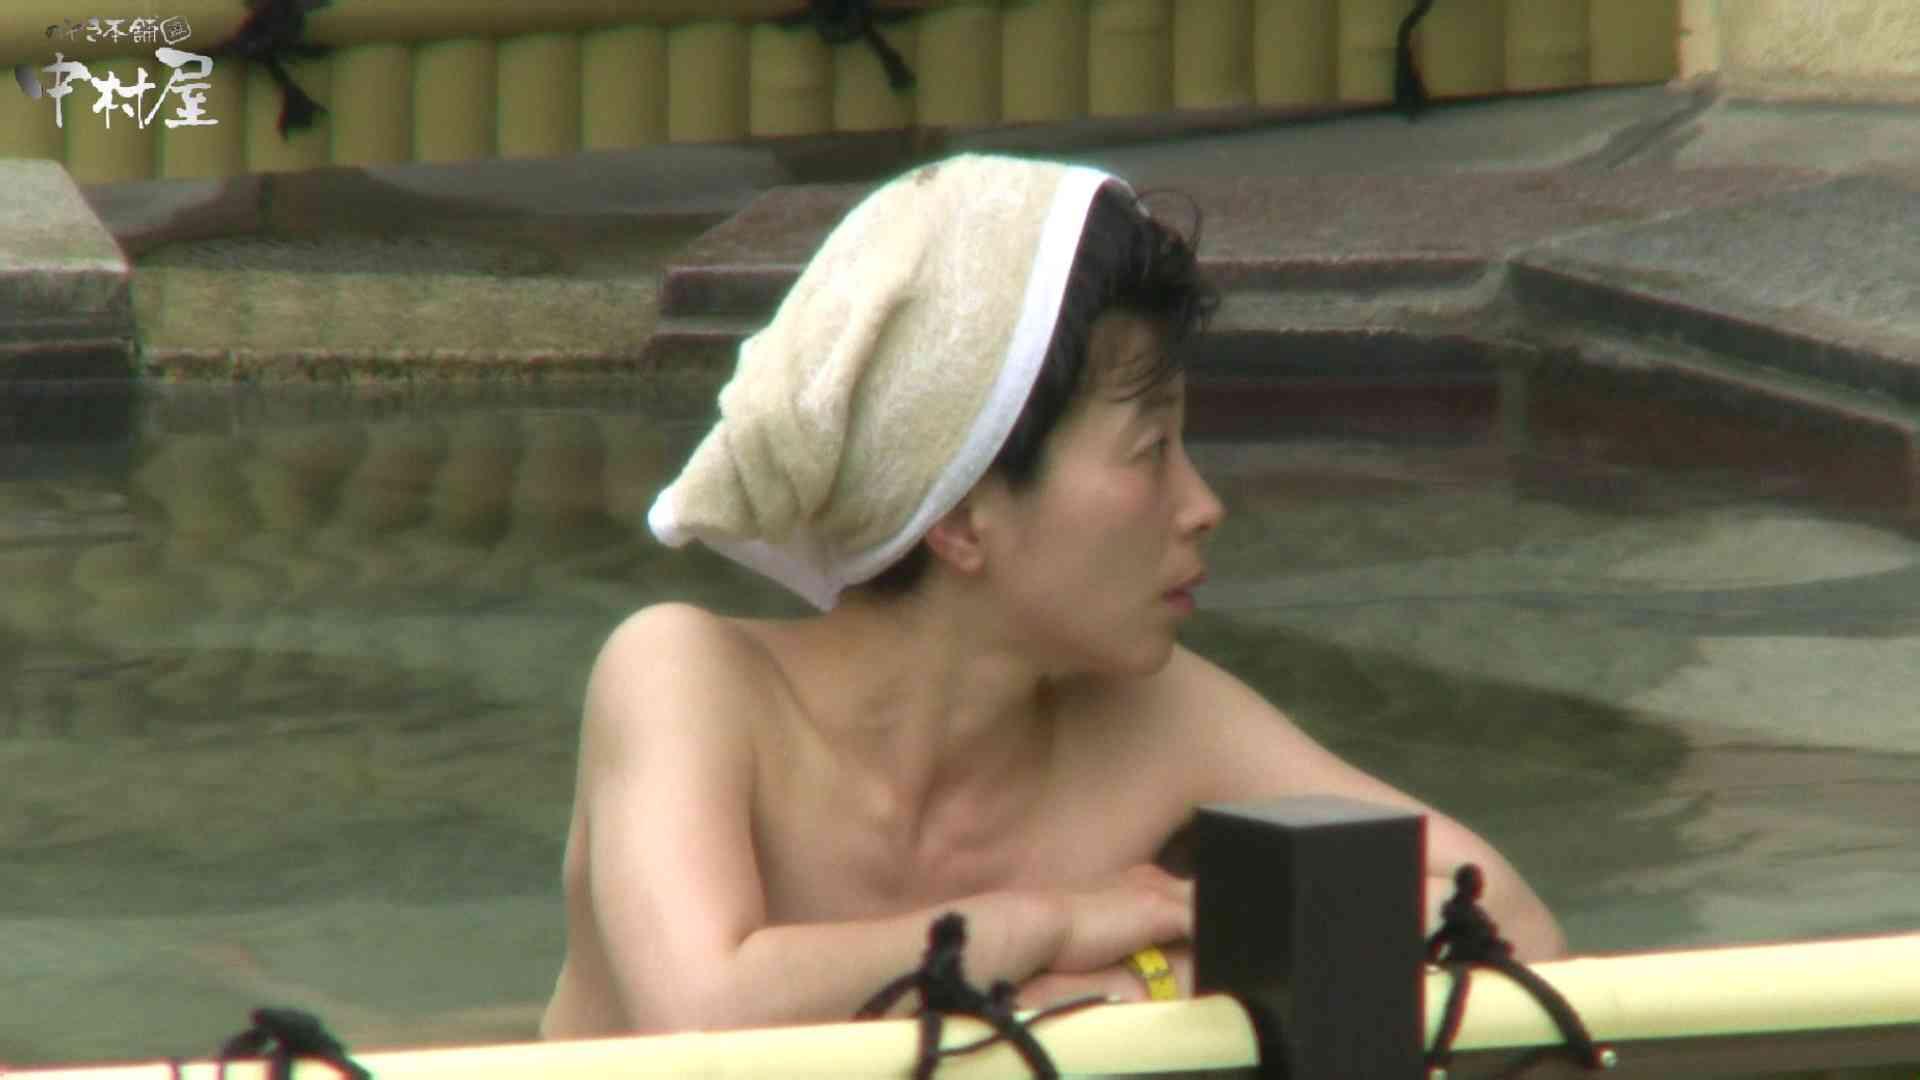 Aquaな露天風呂Vol.950 露天 | 盗撮  61画像 61